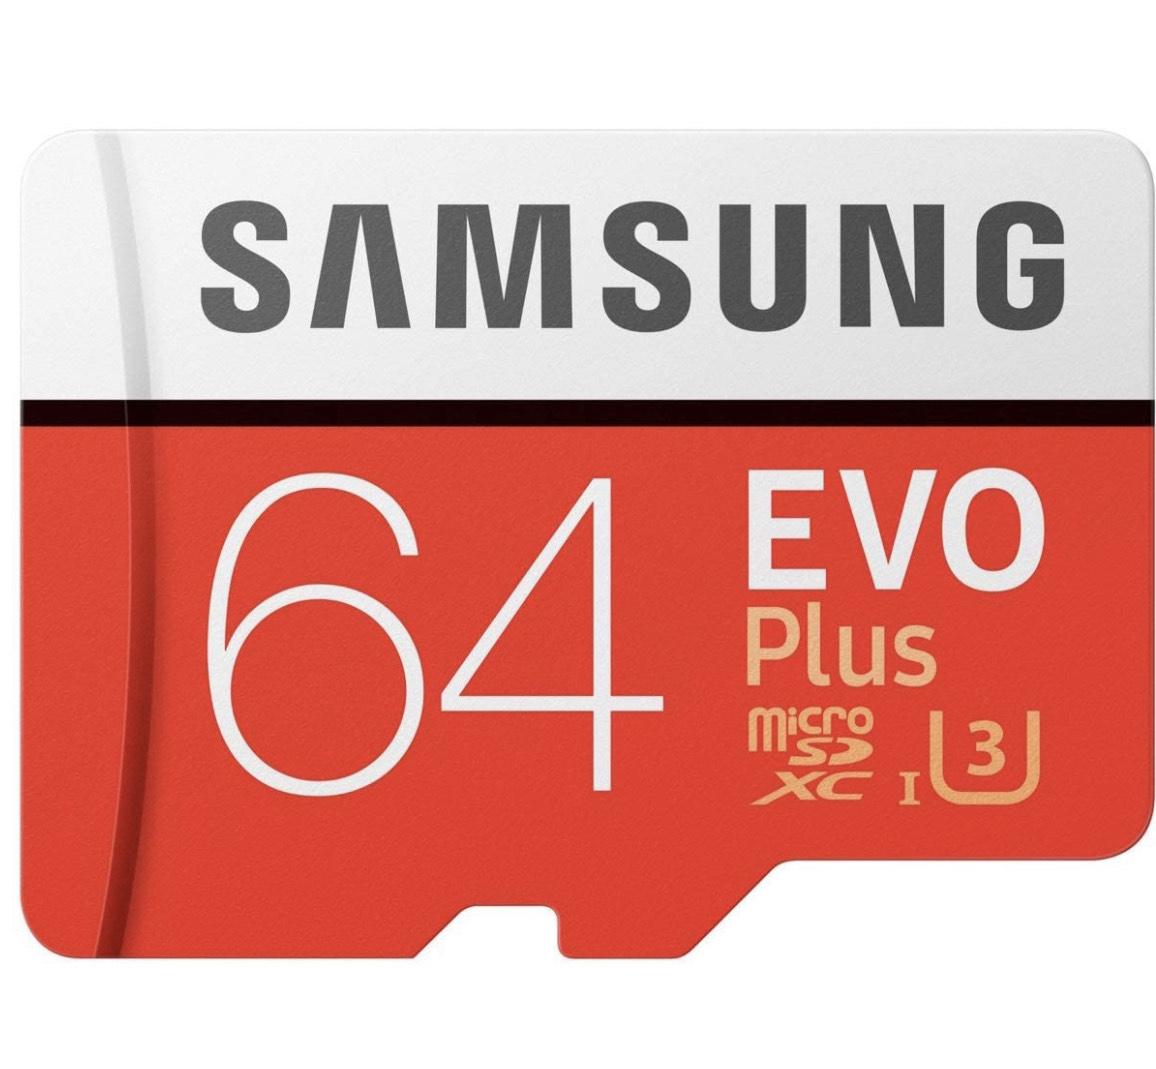 2x Samsung Evo Plus 2020 64GB Flash-Speicher MicroSDXC Class 10 UHS-I